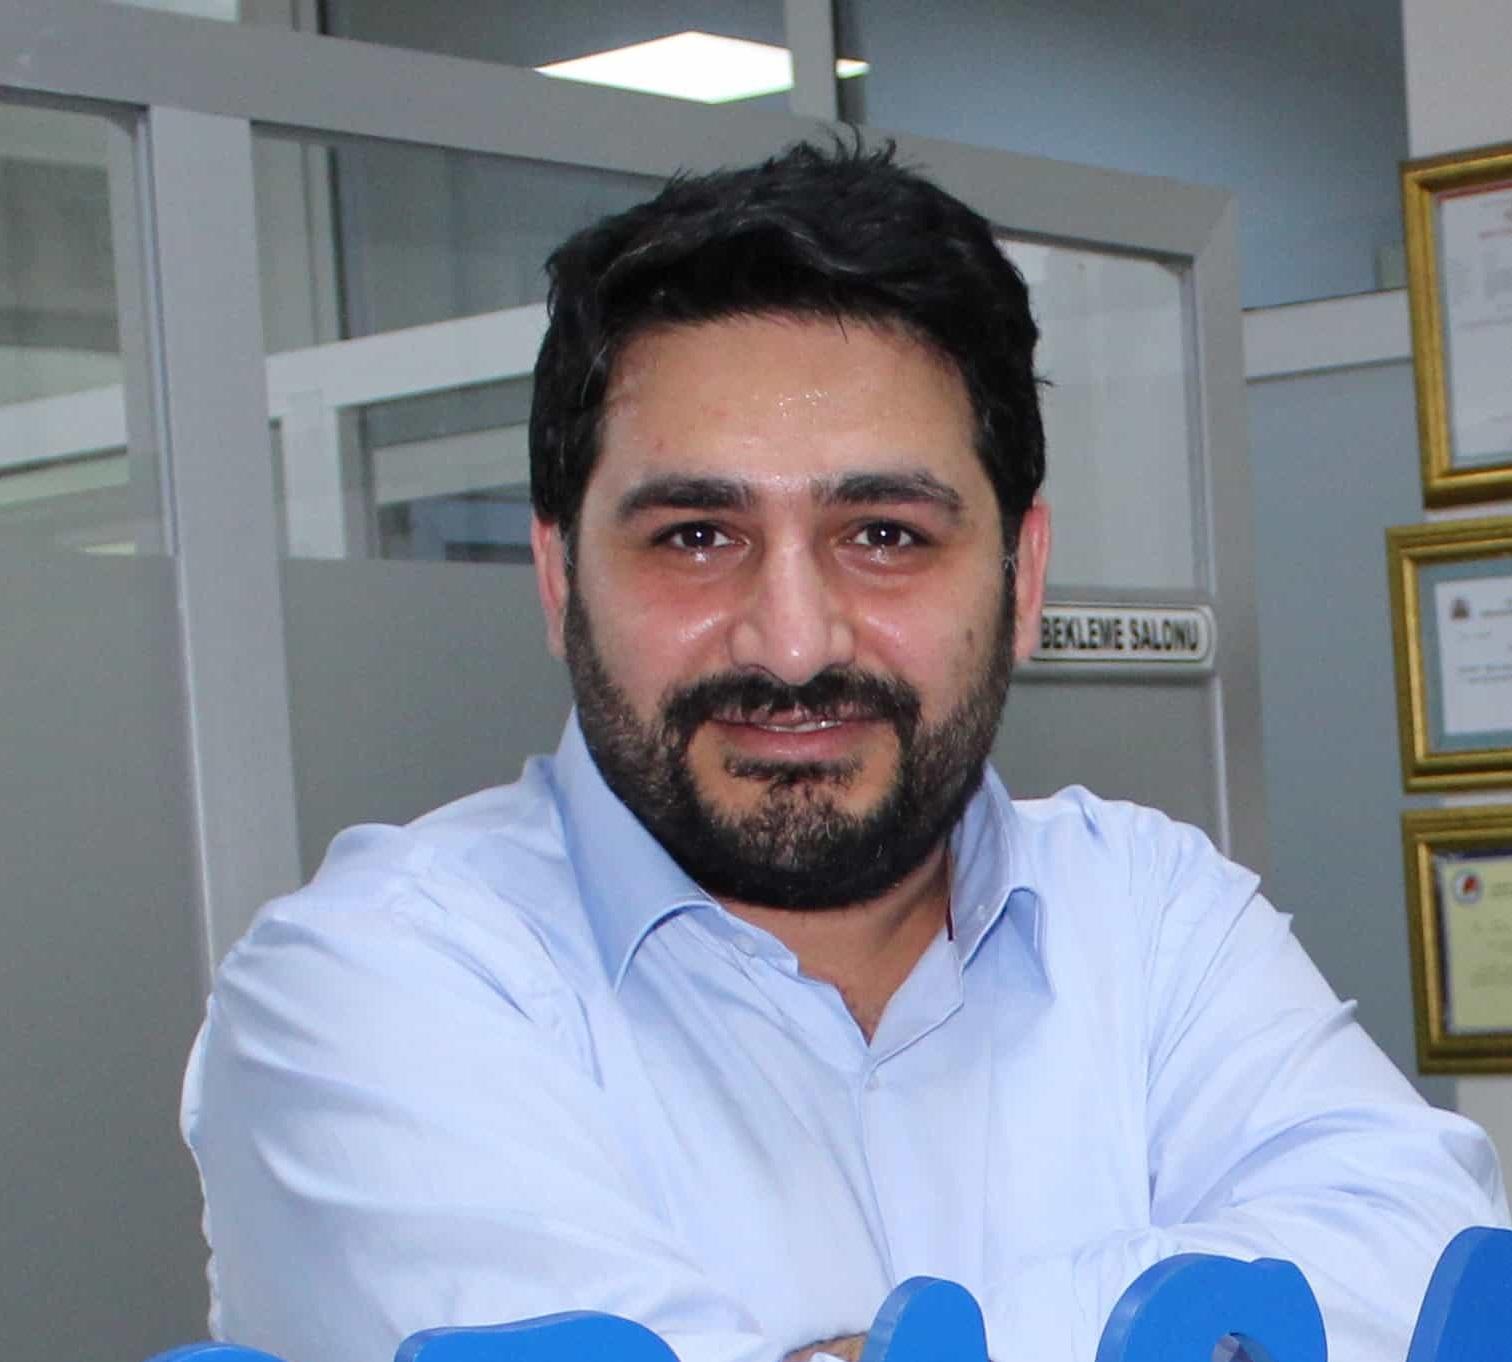 Özkan Doğan - شركات المشروع المسؤول